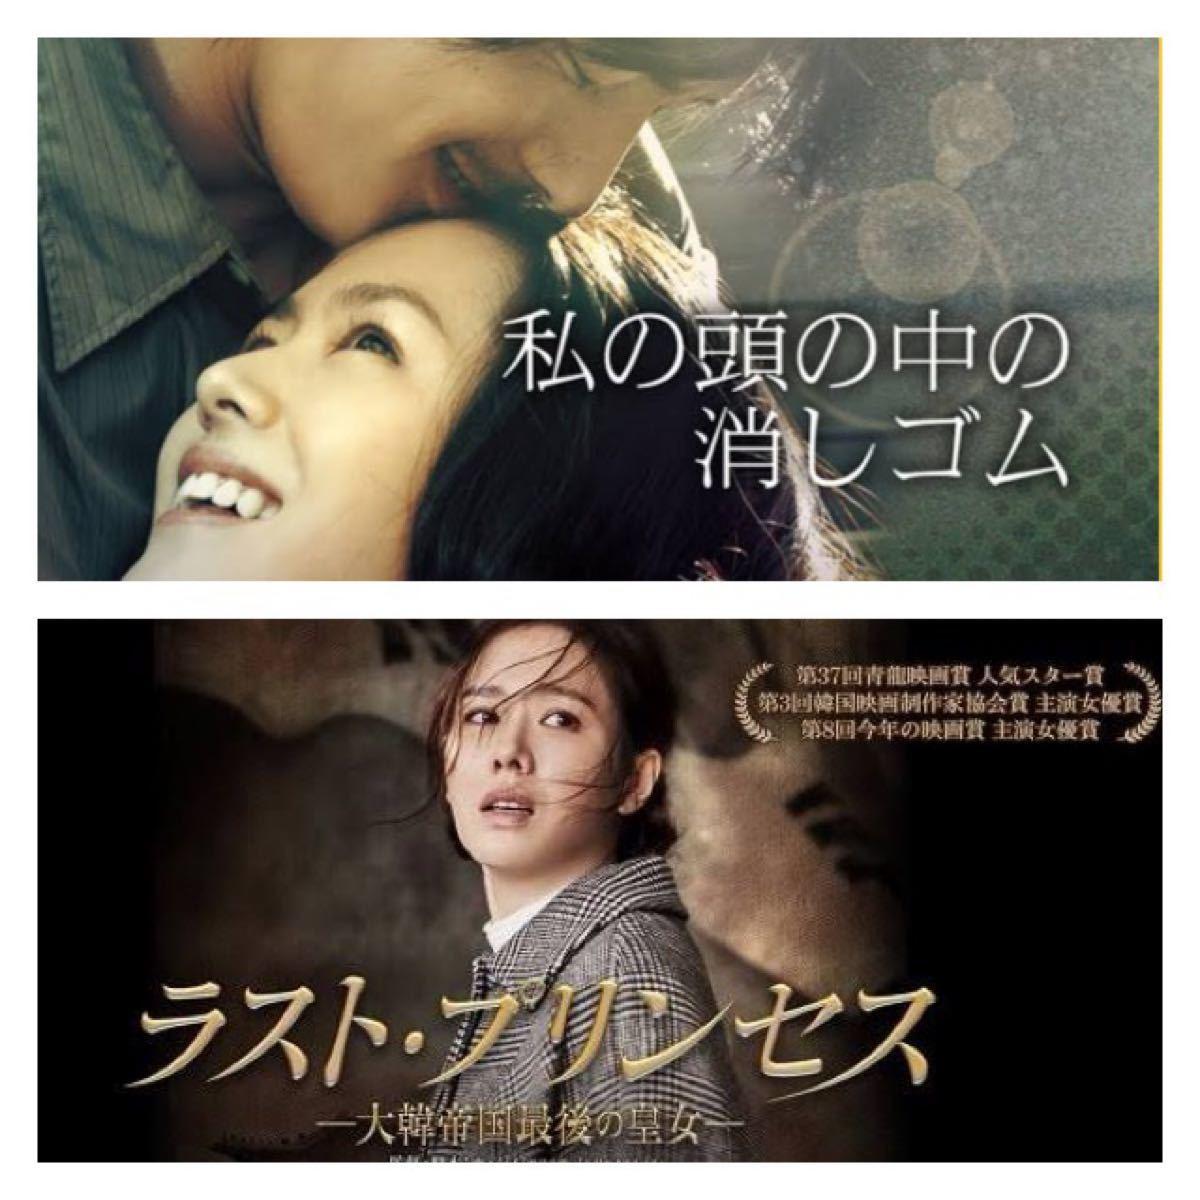 韓国映画DVD2枚セット【ソン・イェジン出演作品】